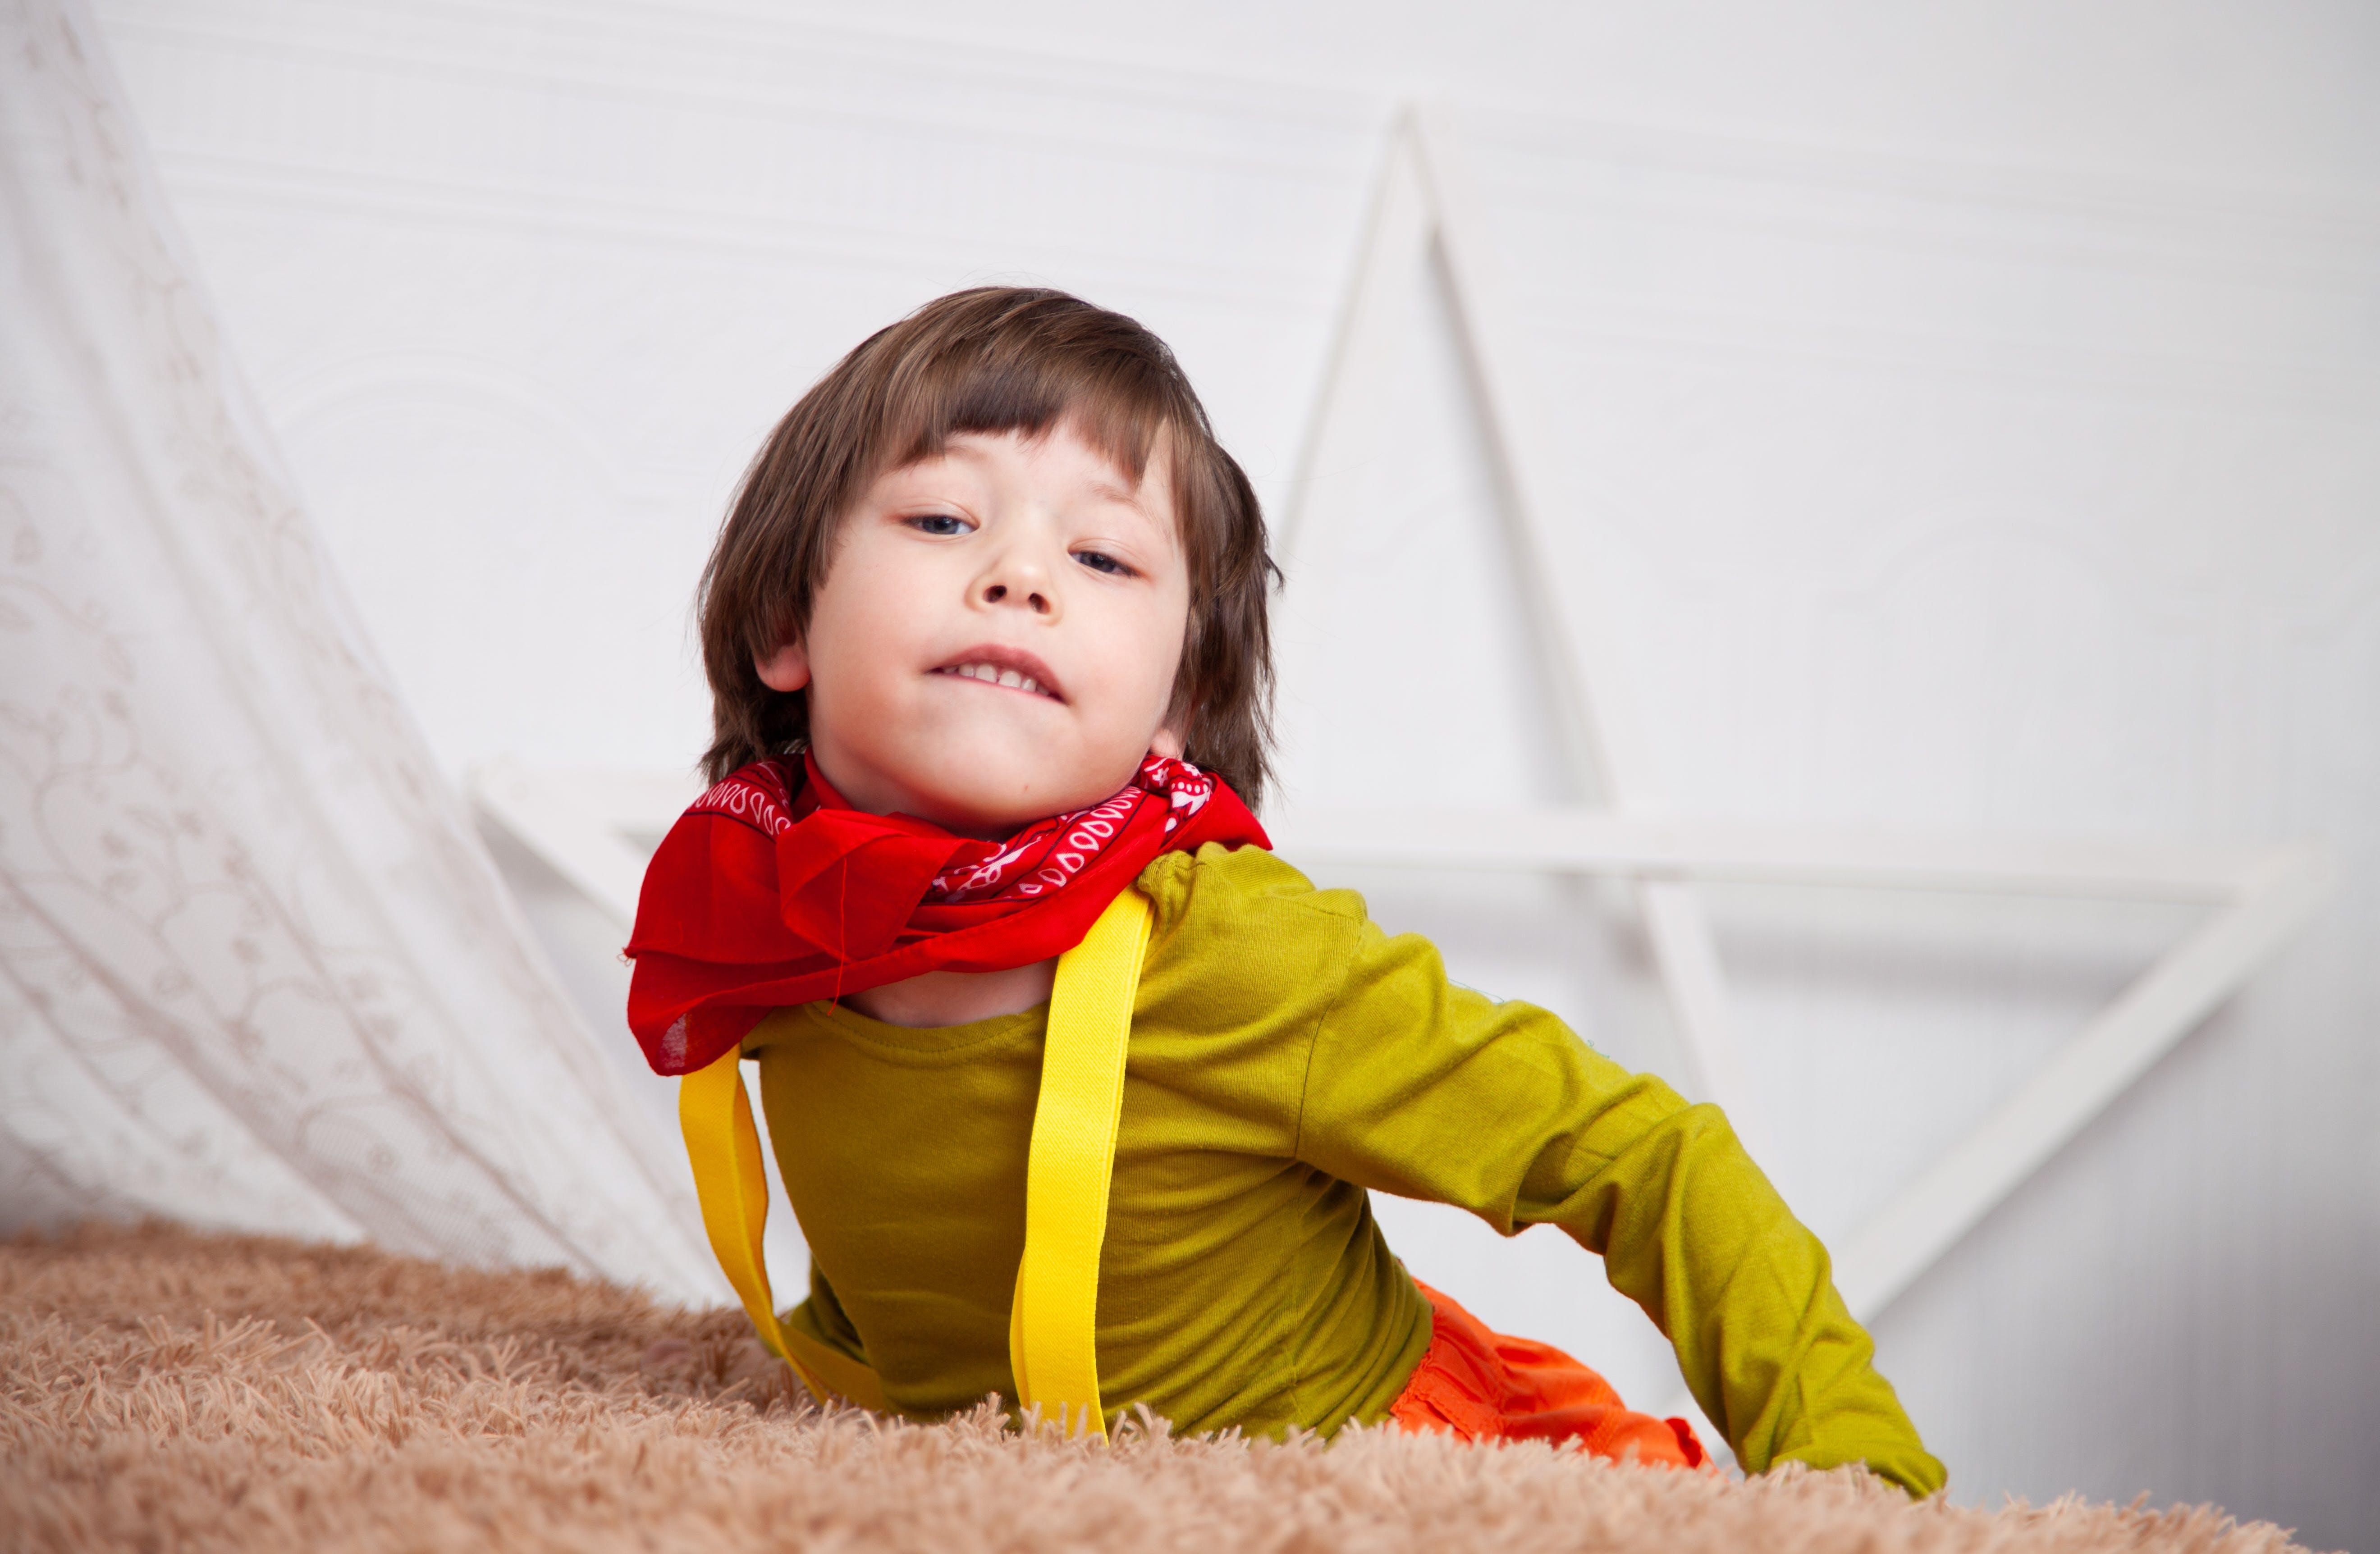 Gratis lagerfoto af barn, Dreng, lille, nuttet